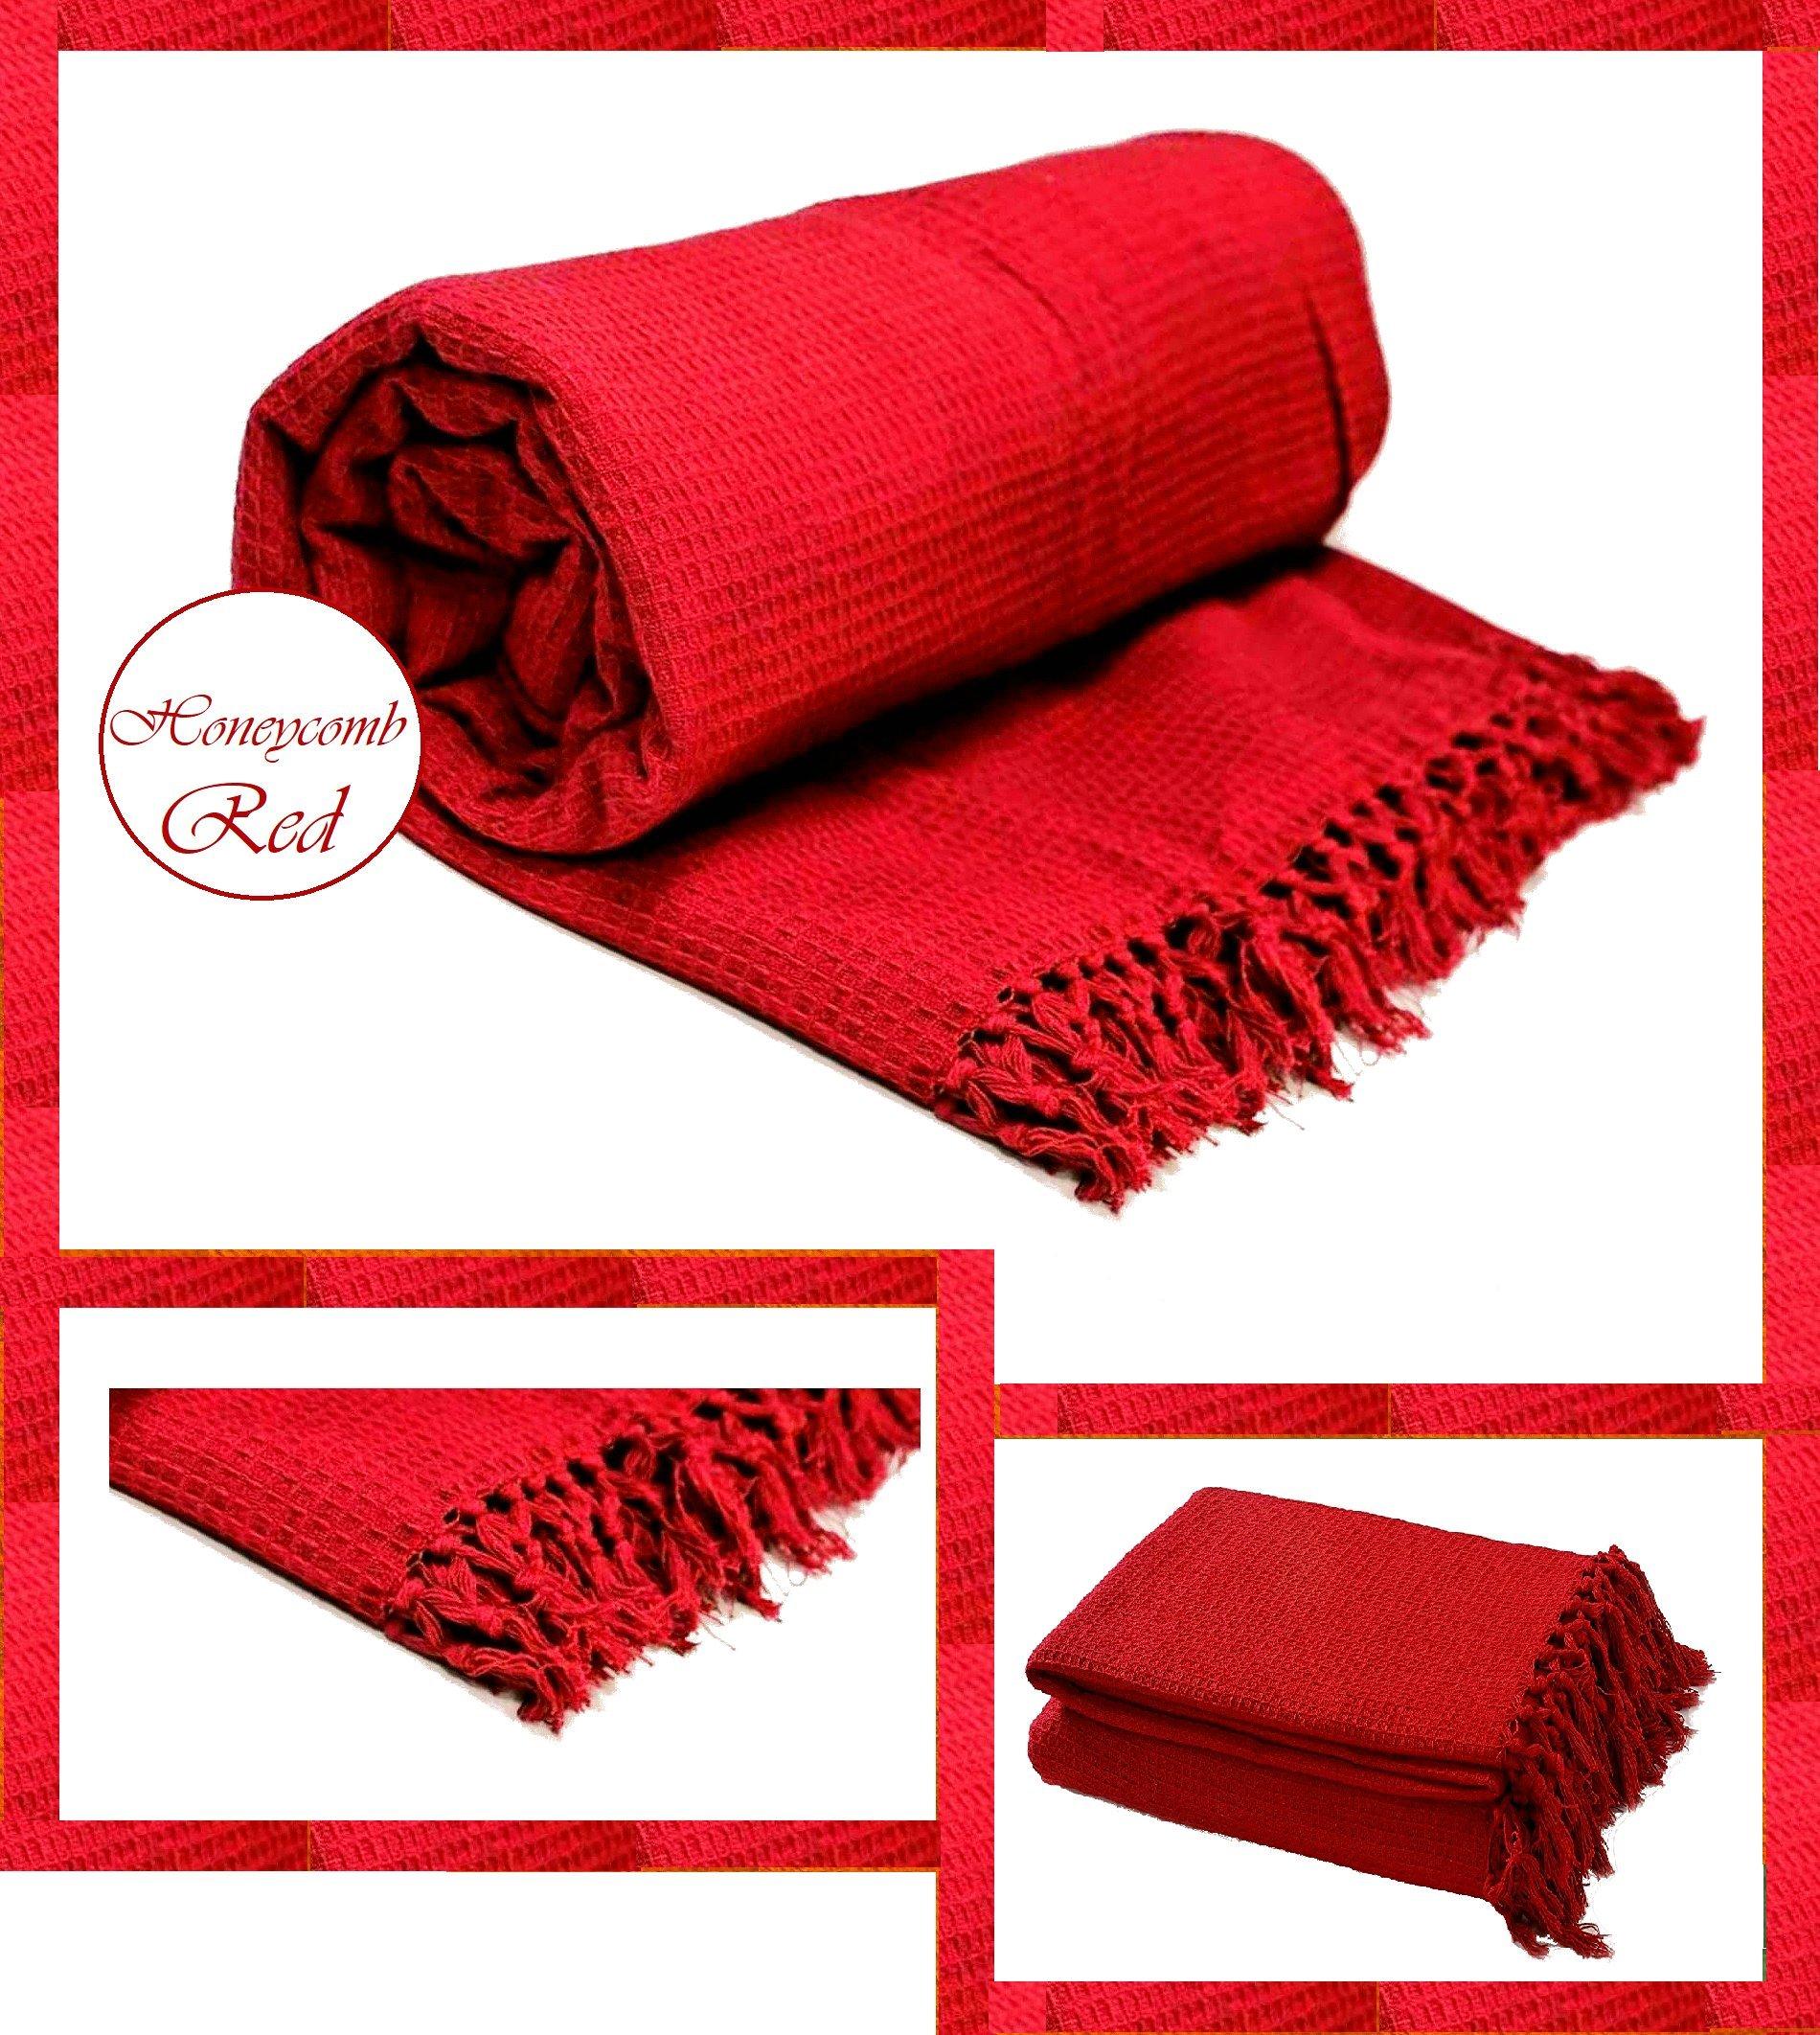 Tejido tipo gofre / panal 100% algodón para silla, sofá, manta de cama y manta, 100% algodón, Rojo, Chair : 127cm x 152cm: Amazon.es: Hogar